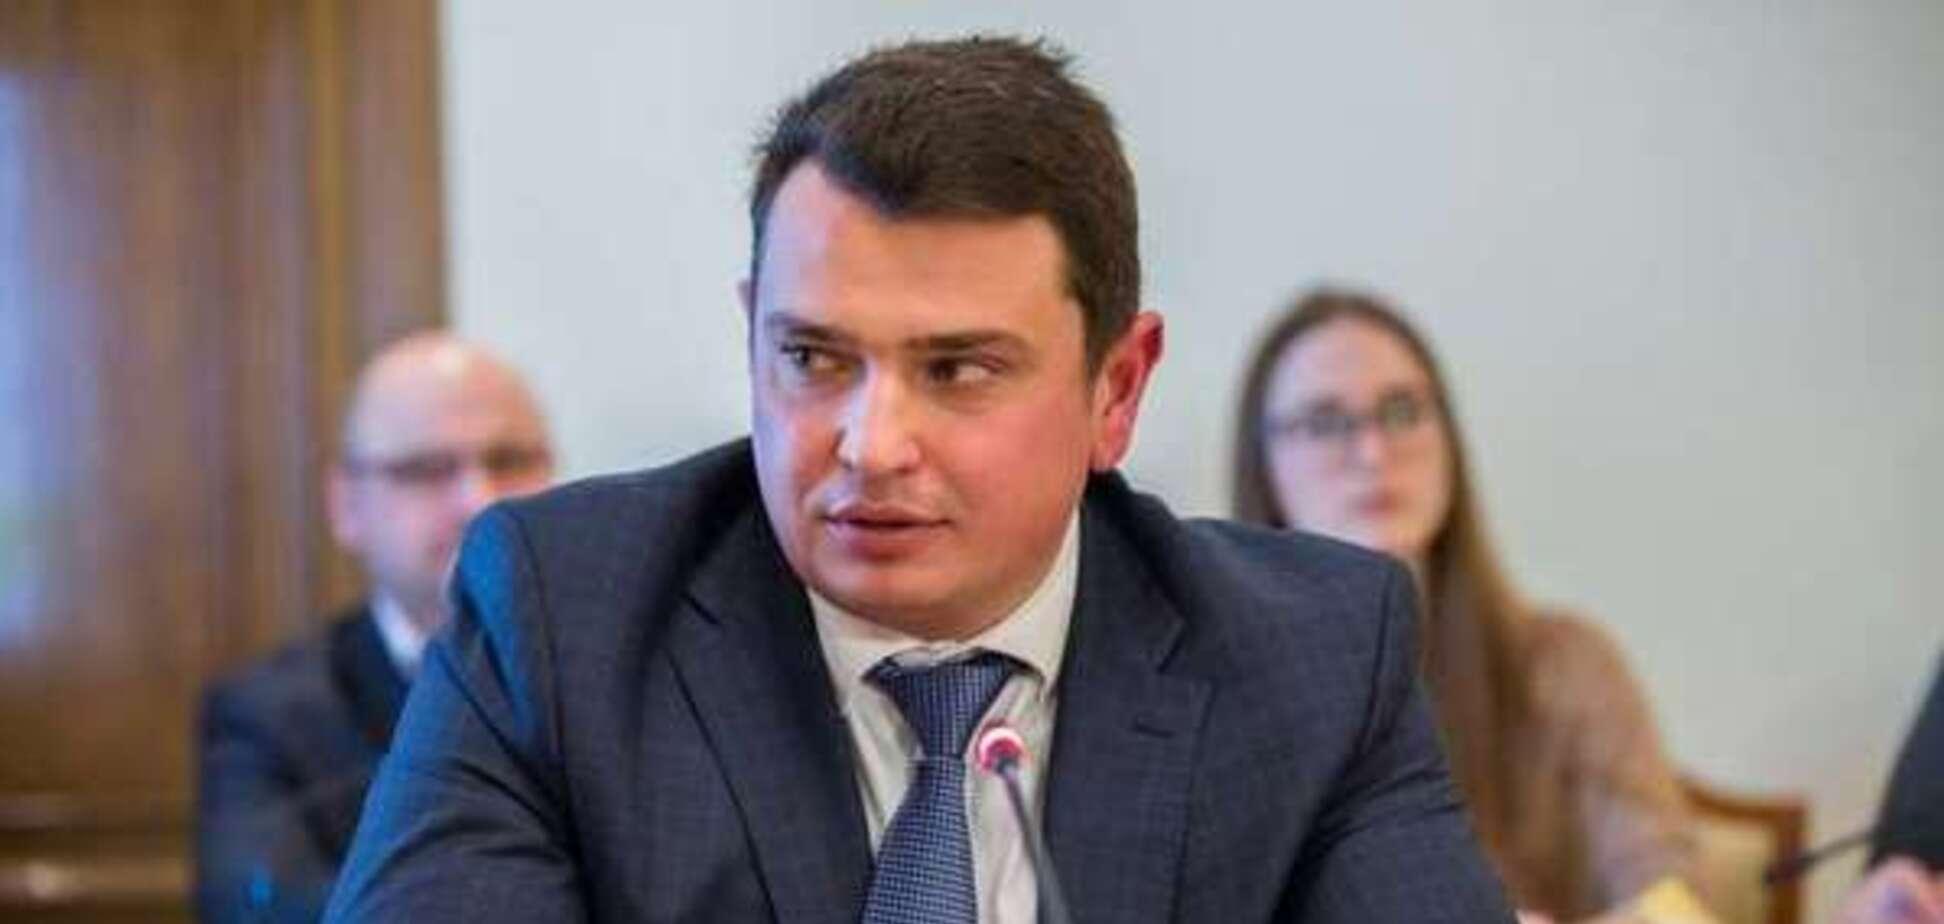 Сытник внес в декларацию земельный участок в Крыму, который продал россиянам